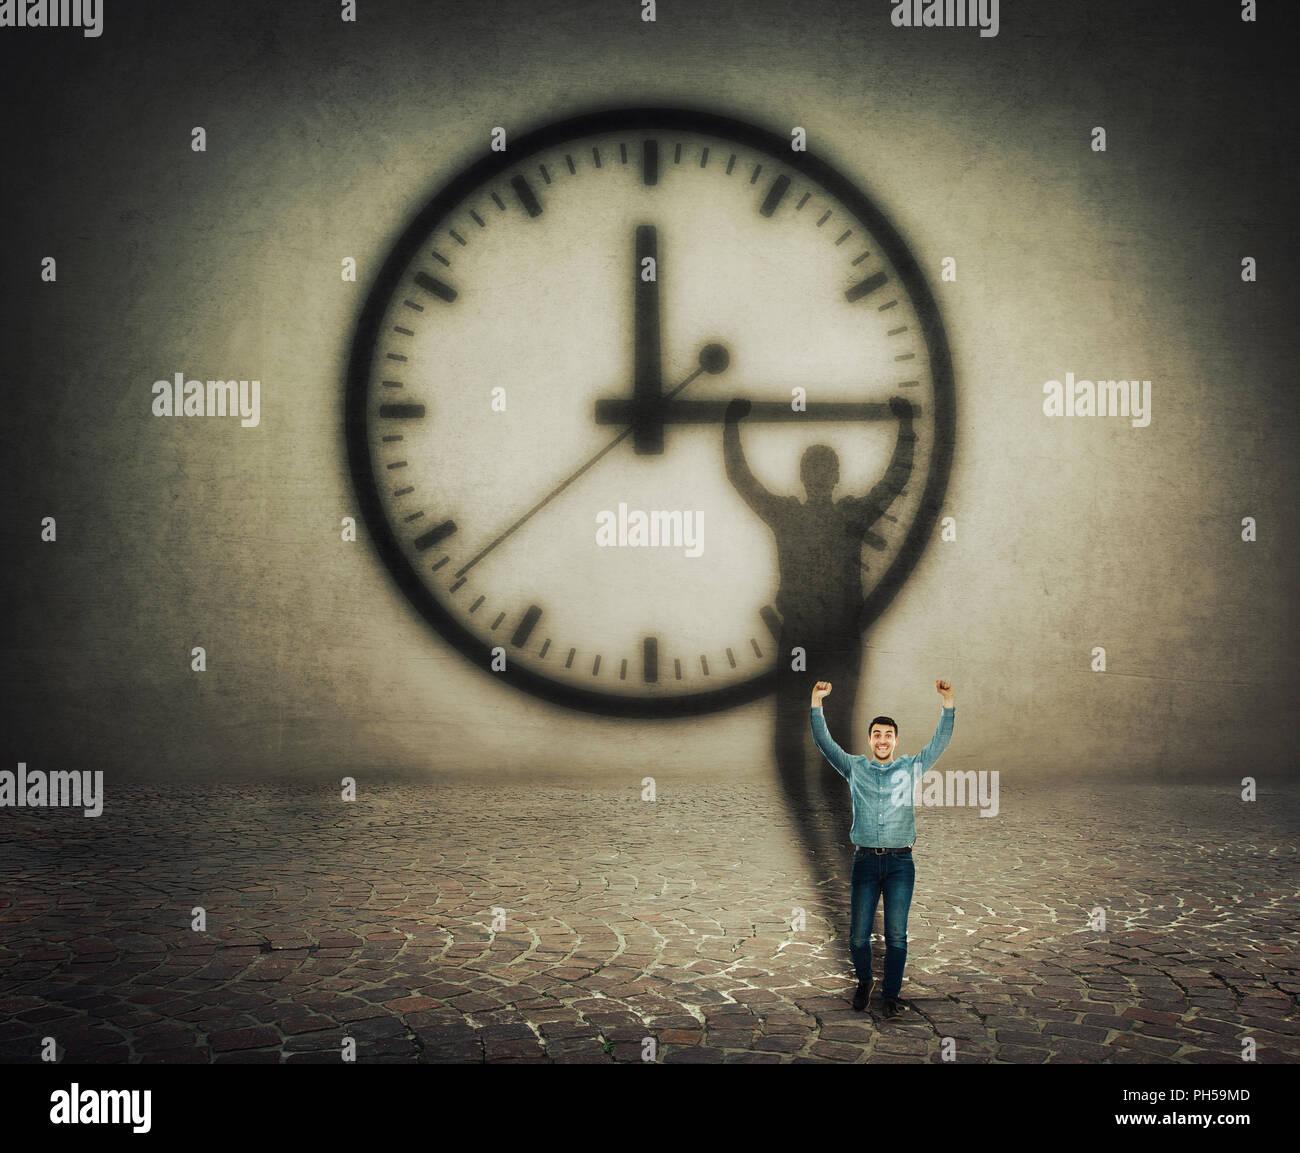 Imagen surrealista de un empresario tratando de detener el tiempo. Una sombra con las manos sosteniendo la flecha del reloj. Imagen De Stock